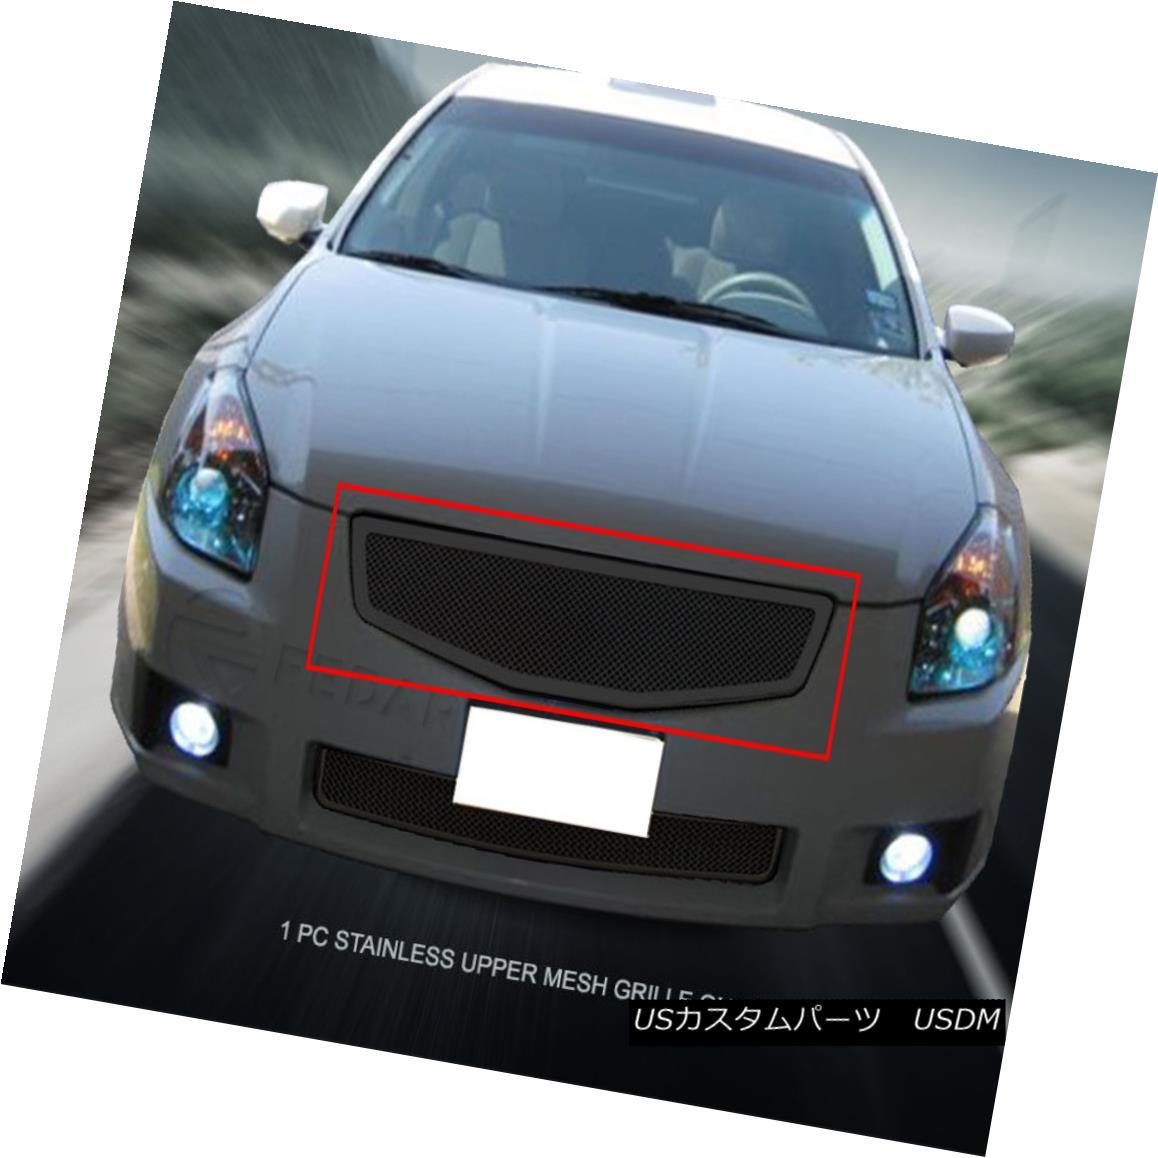 グリル Fedar Fits 2007-2008 Nissan Maxima Black Insert Wire Mesh Grille Insert Fedar Fitting 2007-2008日産マキシマ黒インサートワイヤメッシュグリルインサート